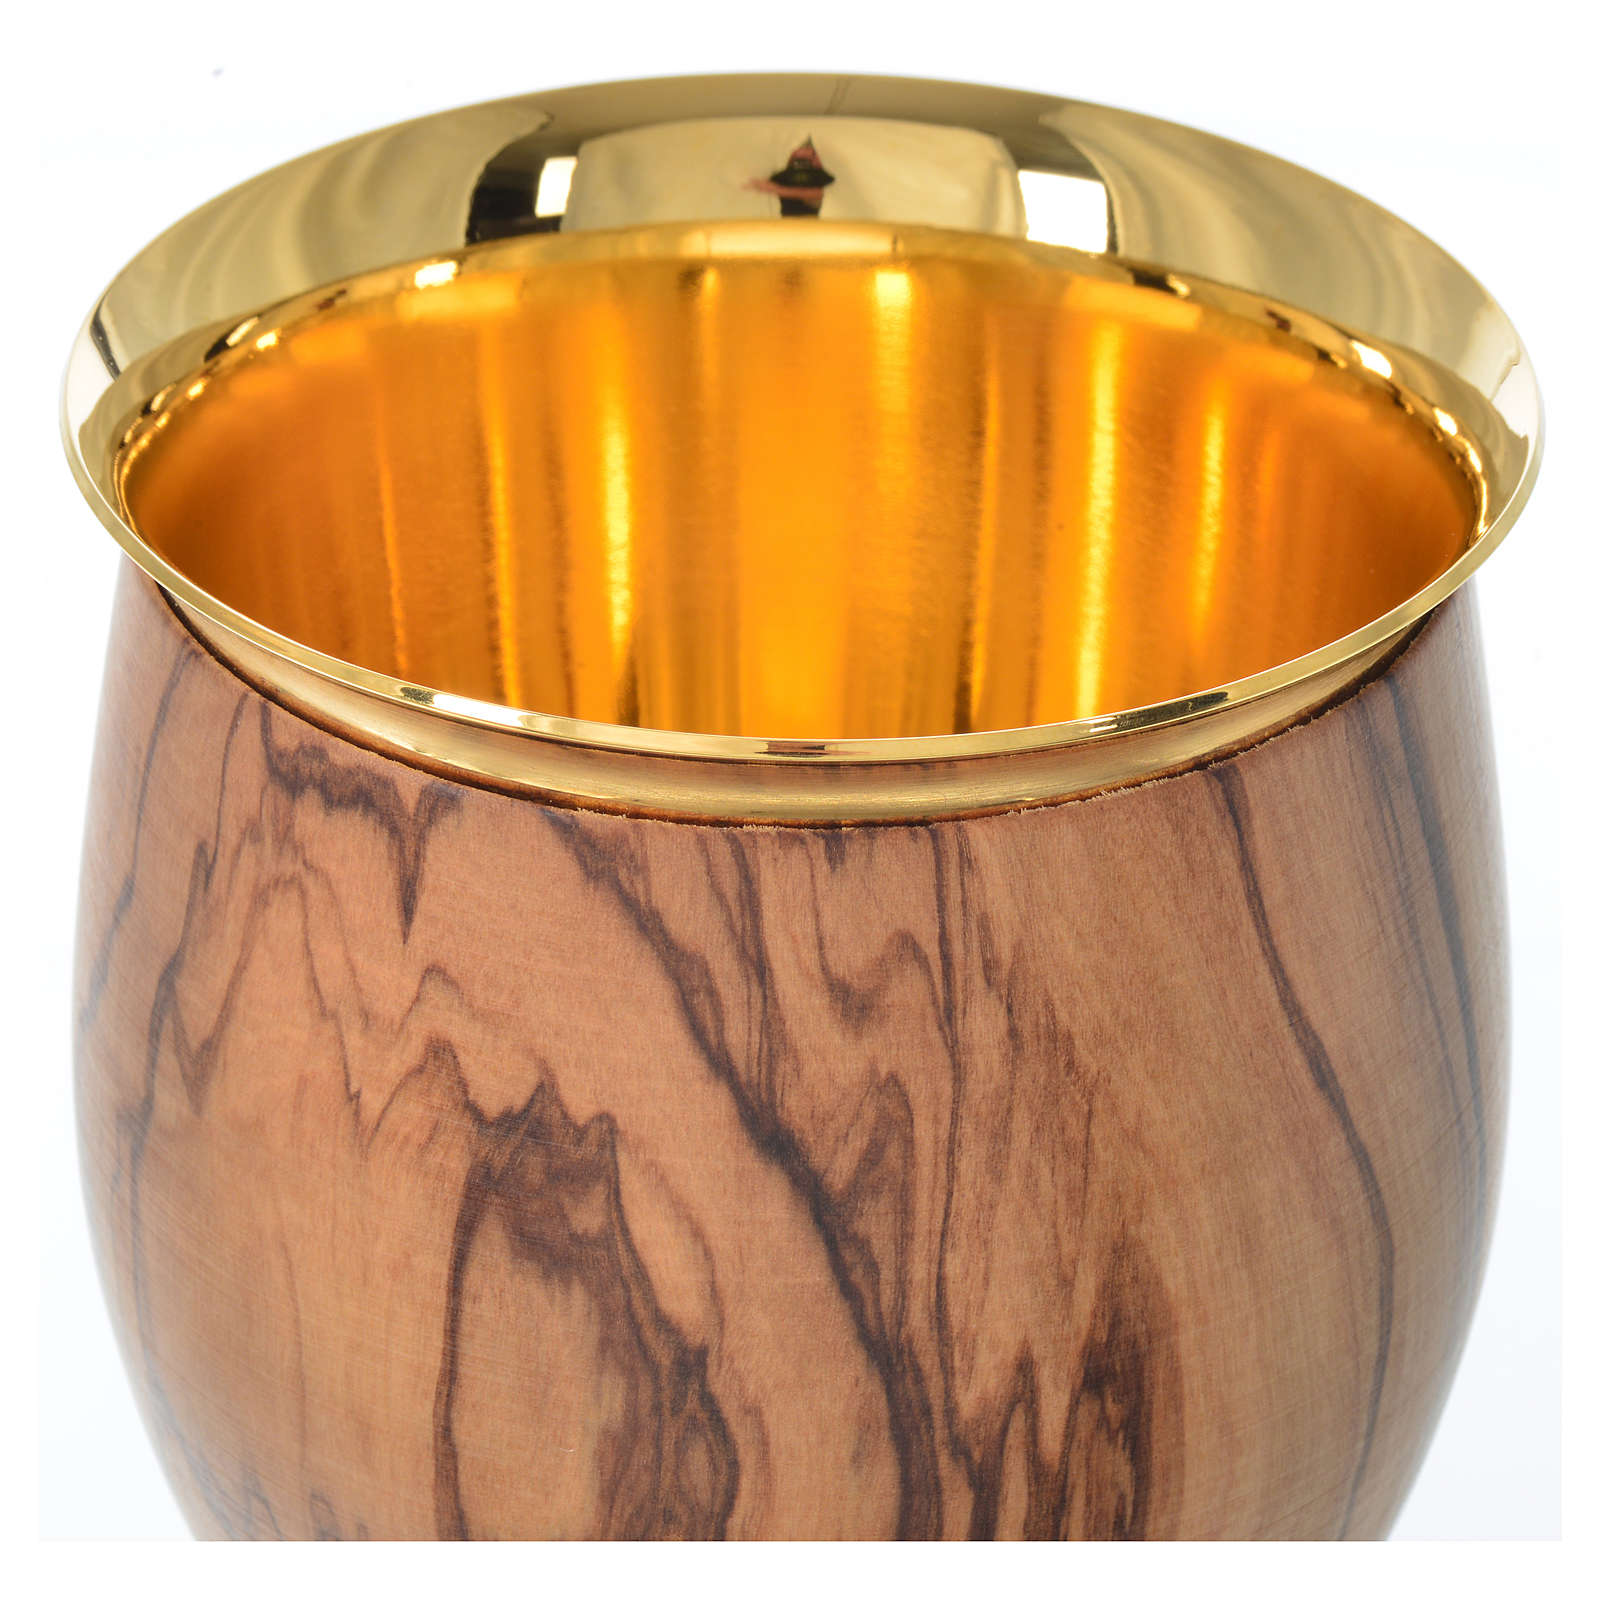 Cáliz de madera estacionada de olivo de Asís y copa sutil 18.5cm 4